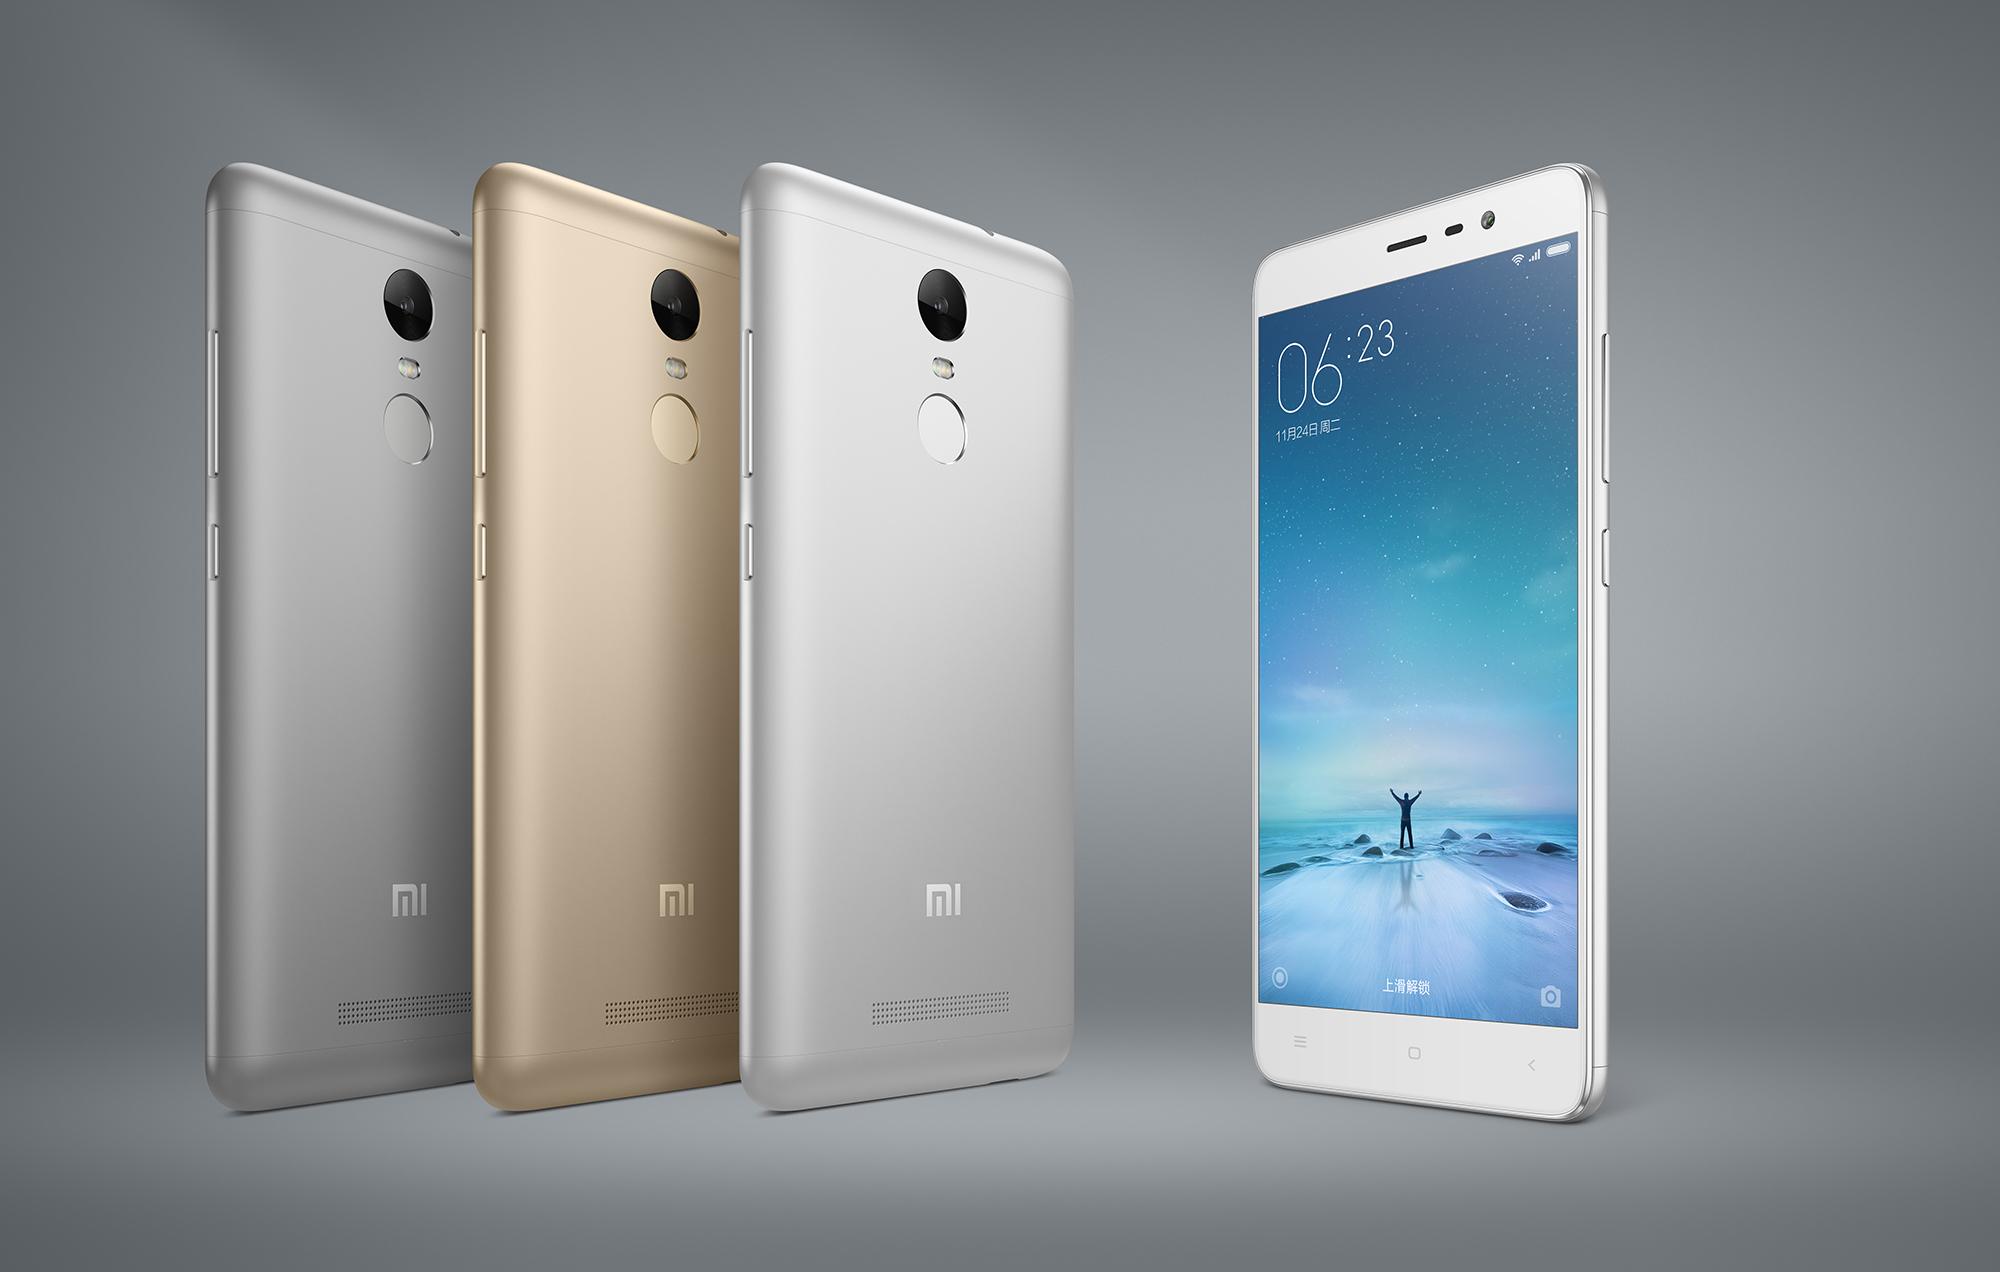 Xiaomi redmi note 3 fingerprint